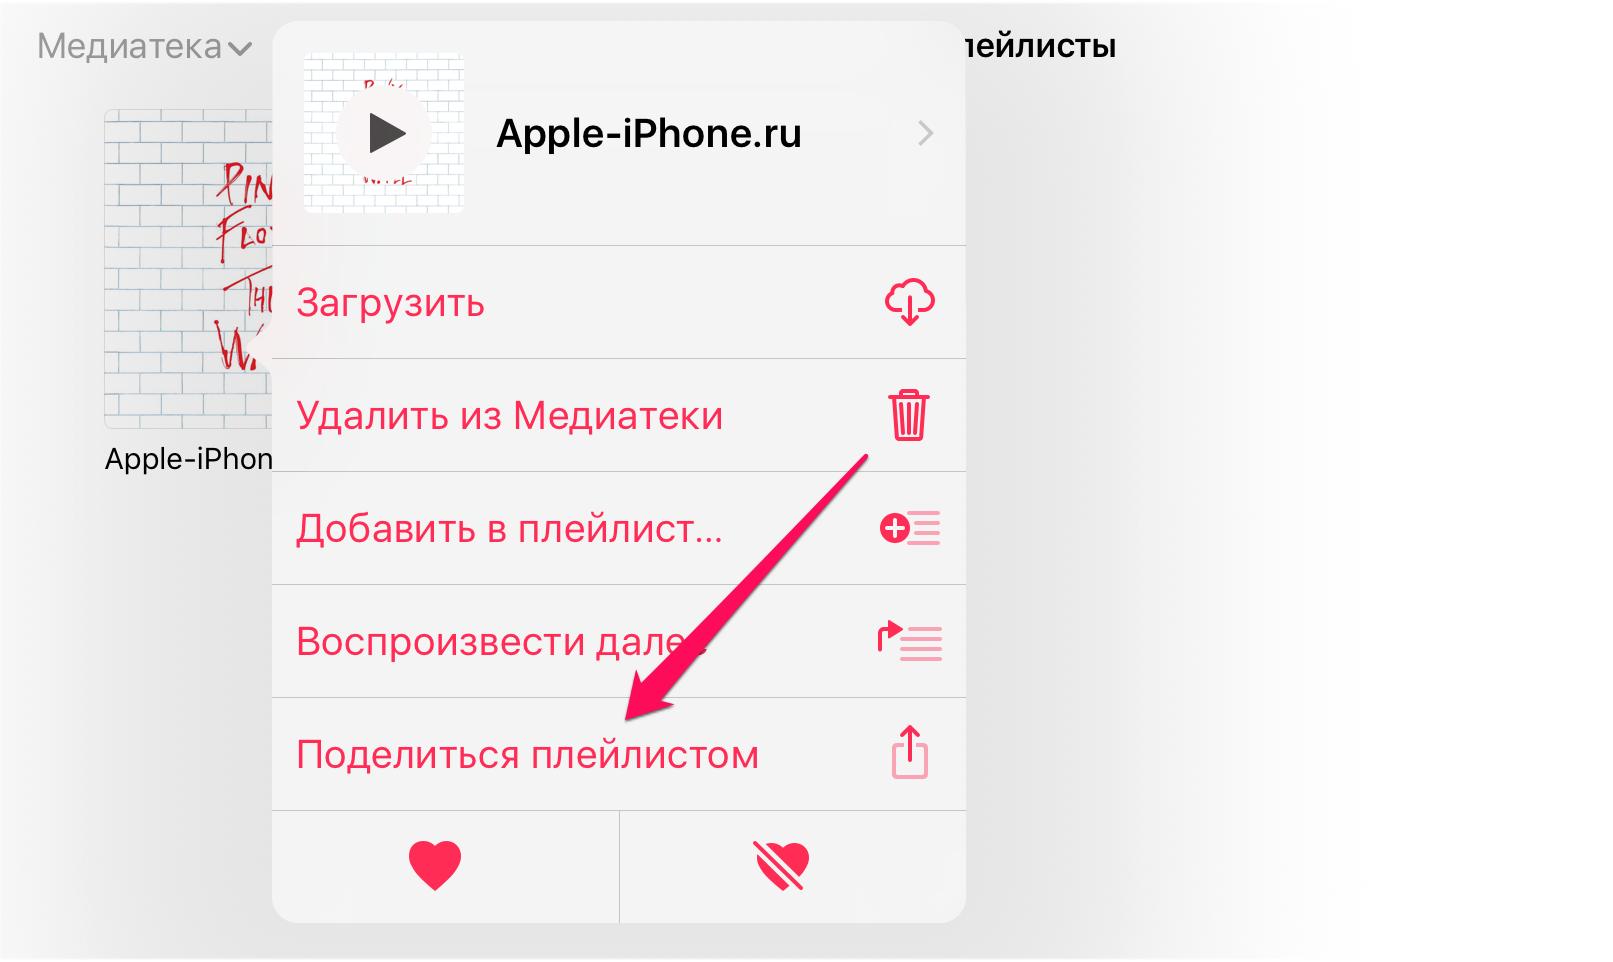 Как поделиться плейлистом изApple Music